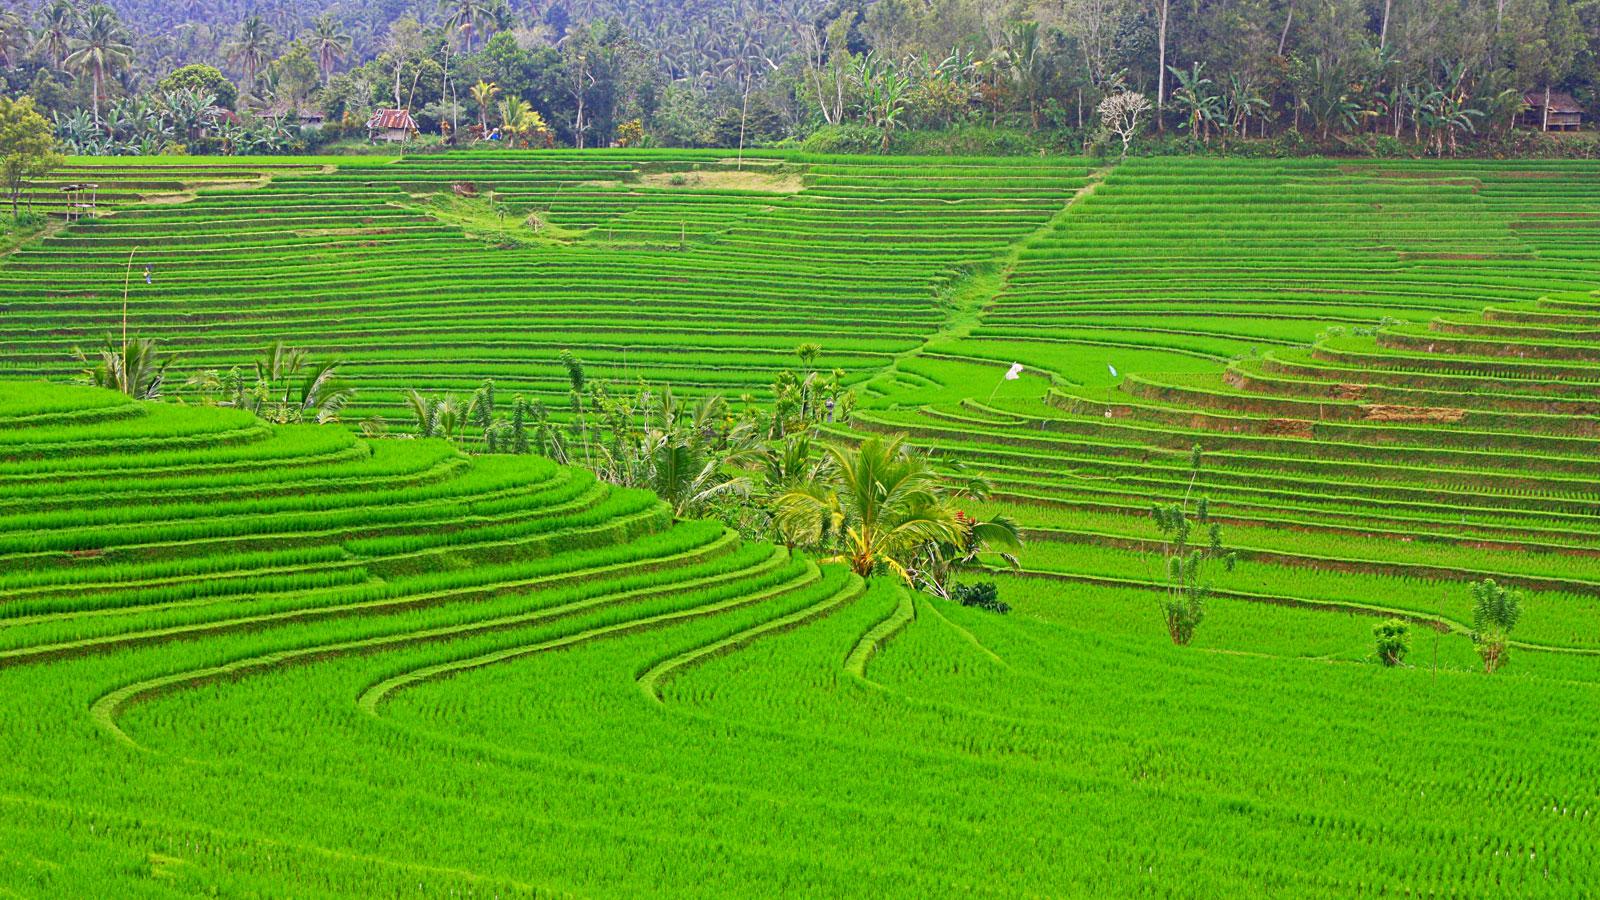 Bali Reisterrassen Abenteuerreise Gruppenreise Erlebnisreise Indonesien Reisen für junge Leute traveljunk